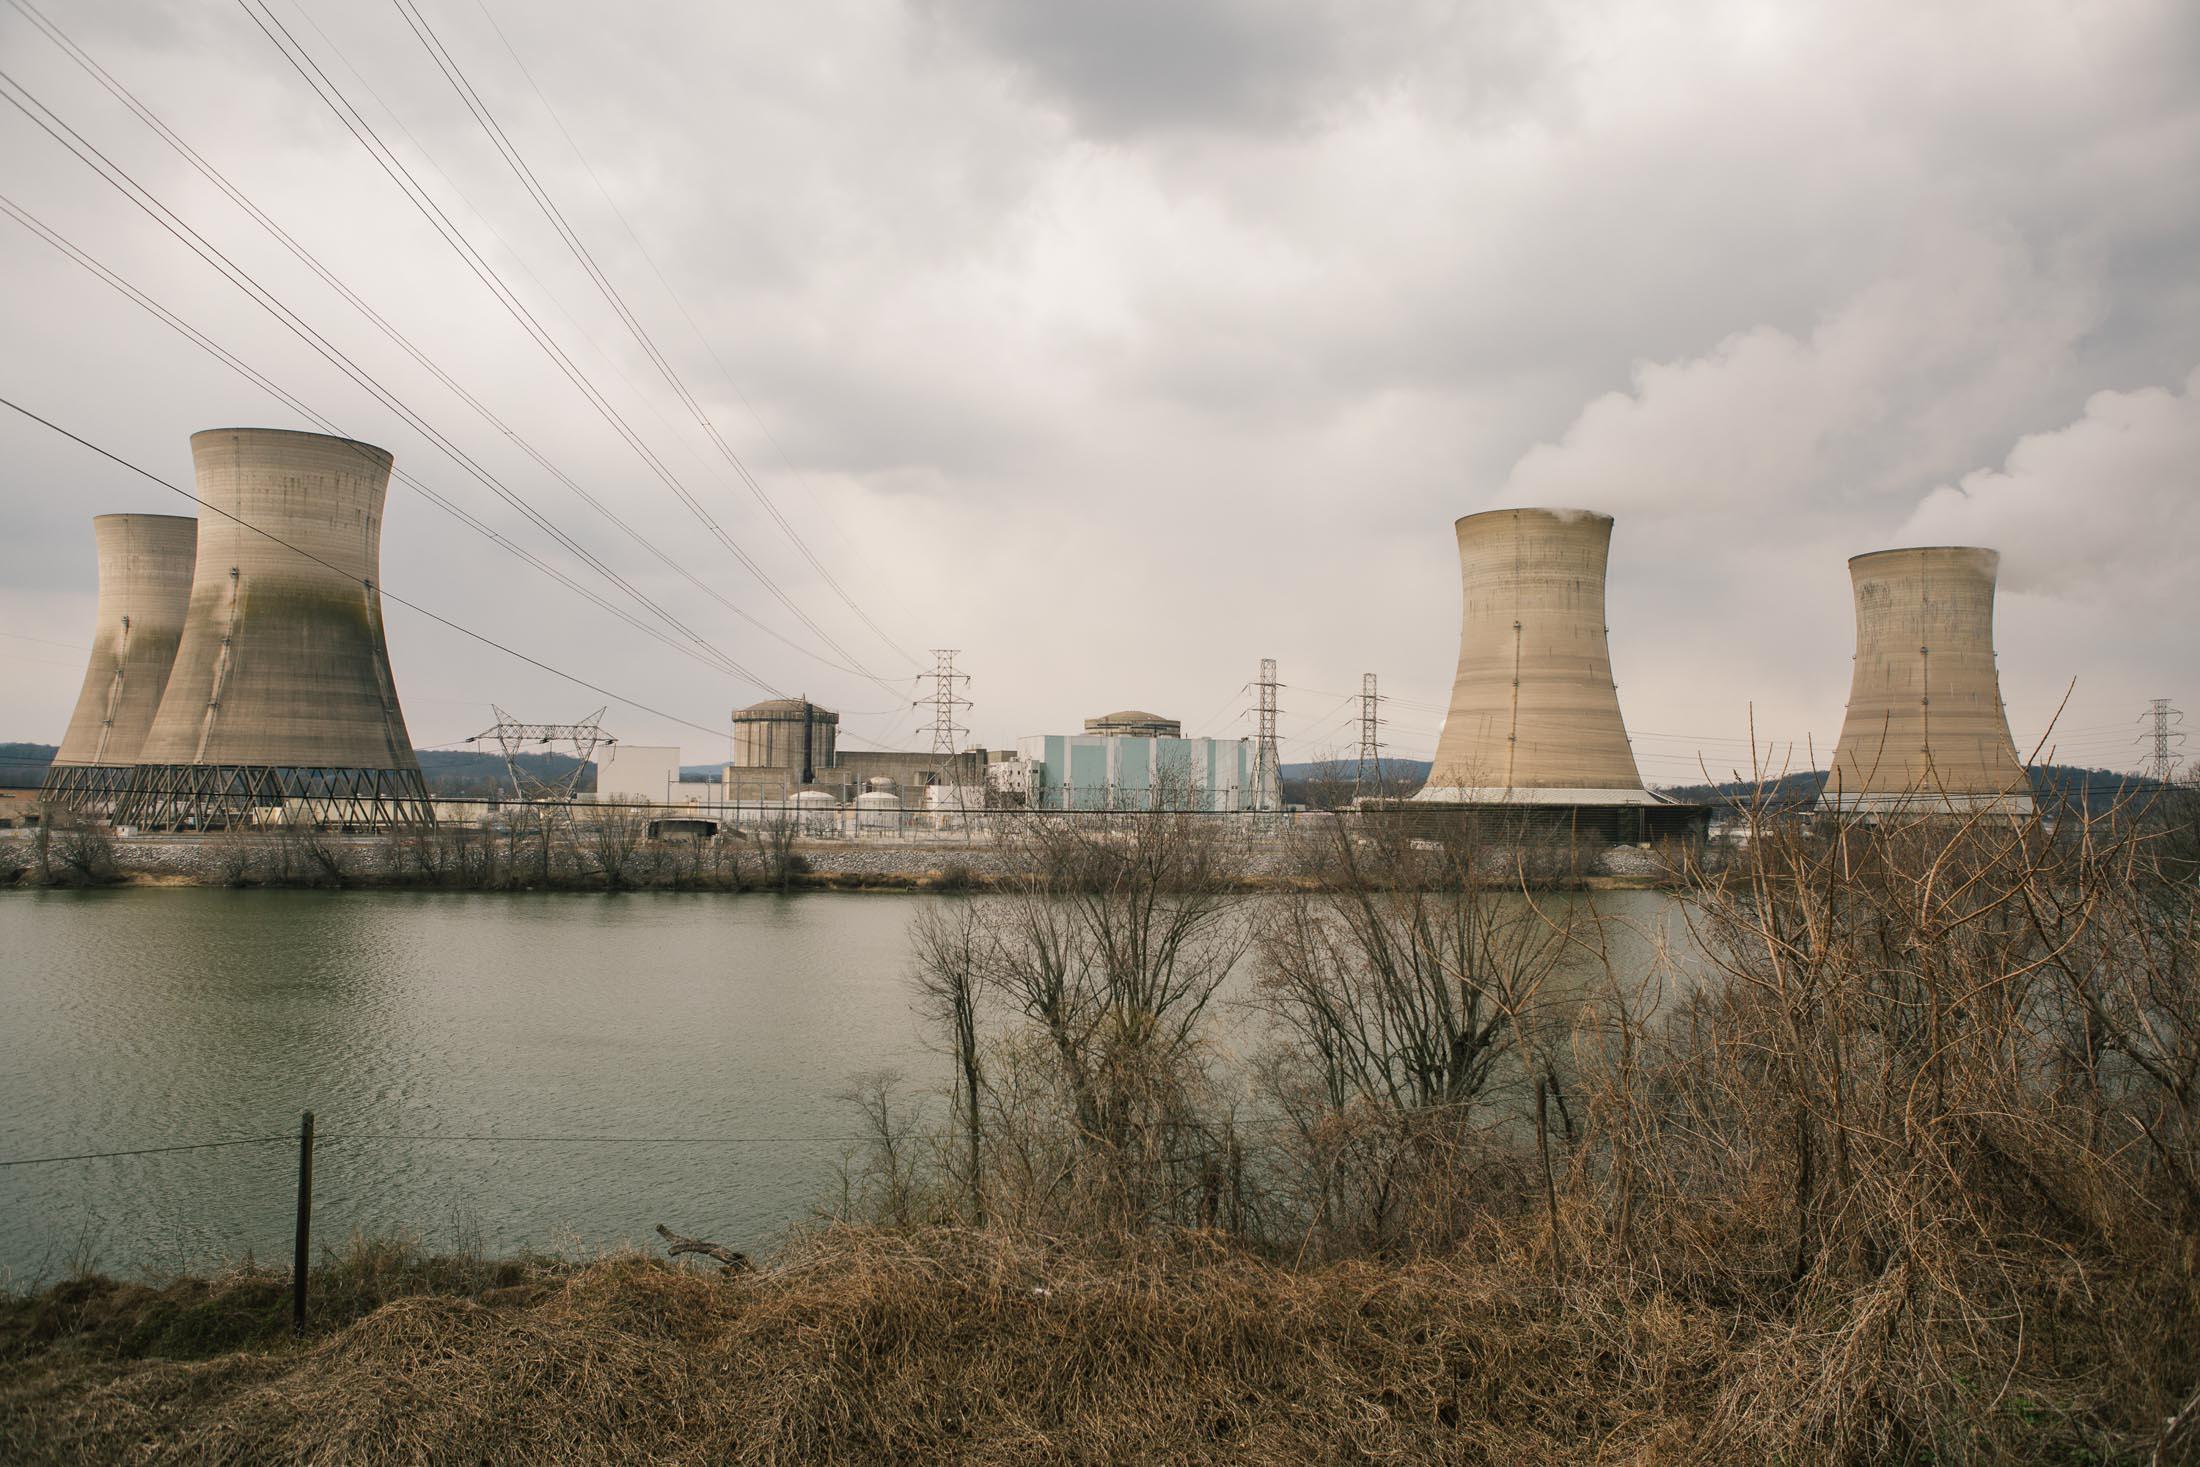 الطاقة النووية - المفاعلات النووية